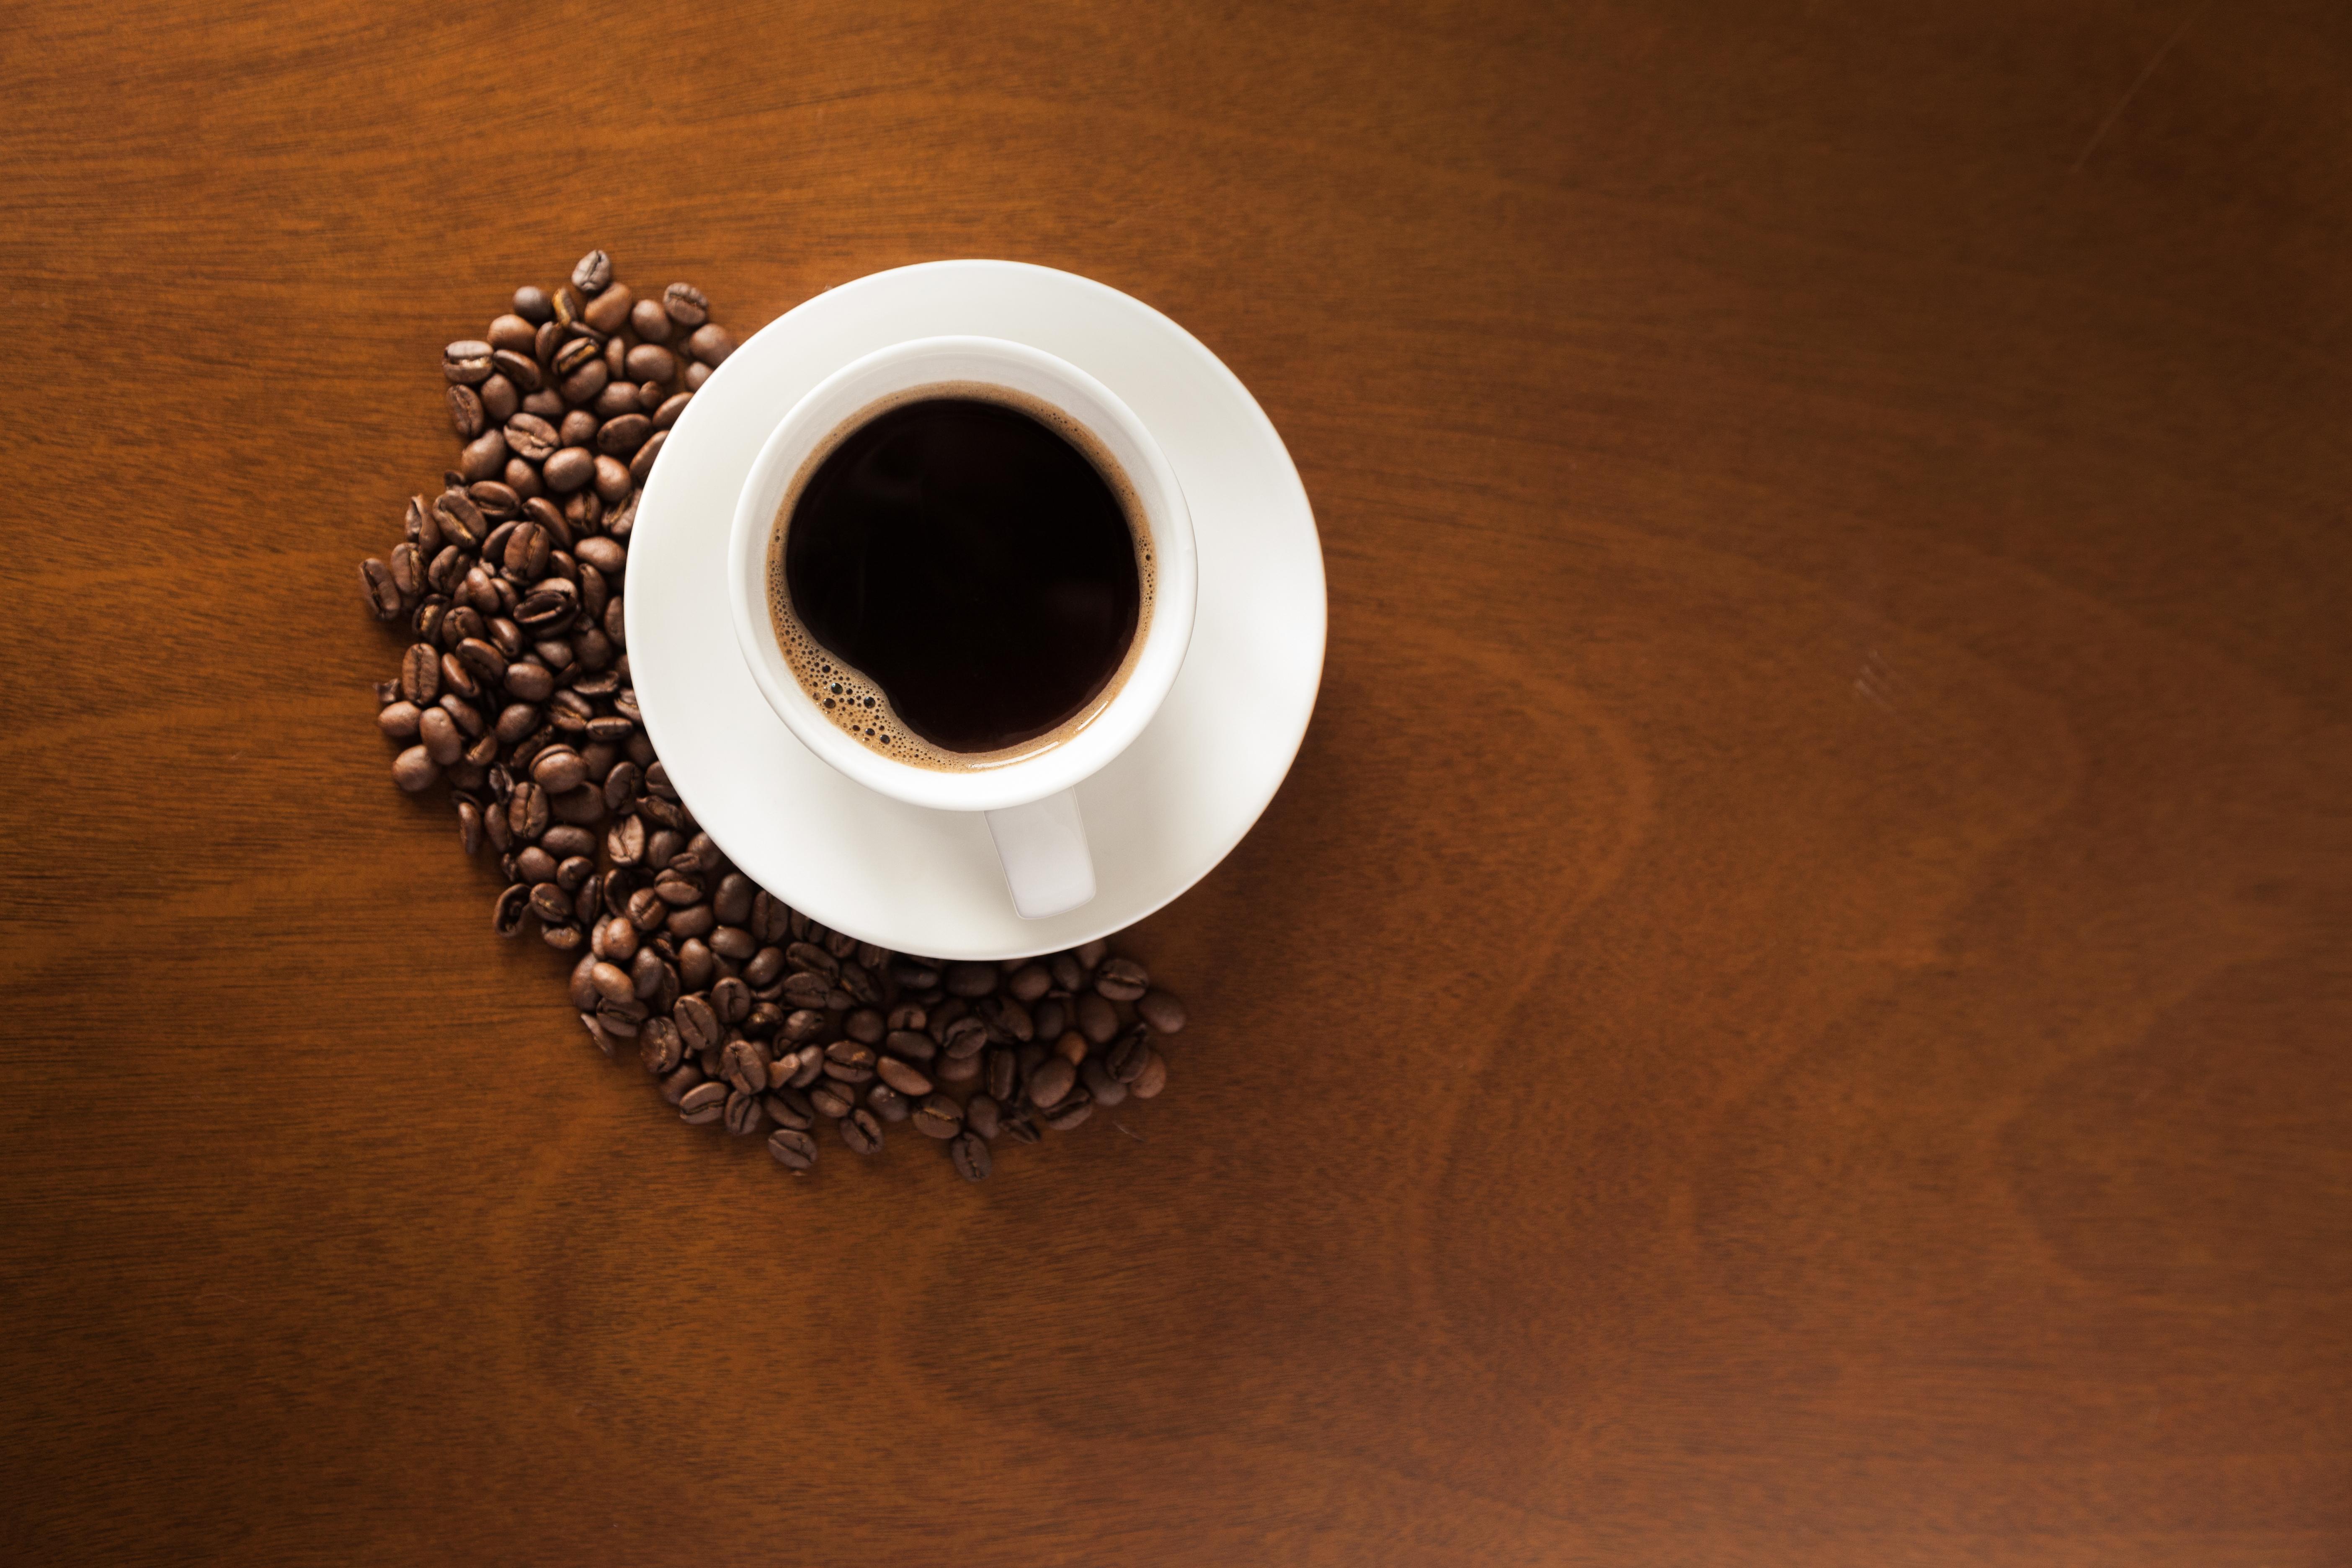 En snabbkurs i koffeinfritt kaffe cover image